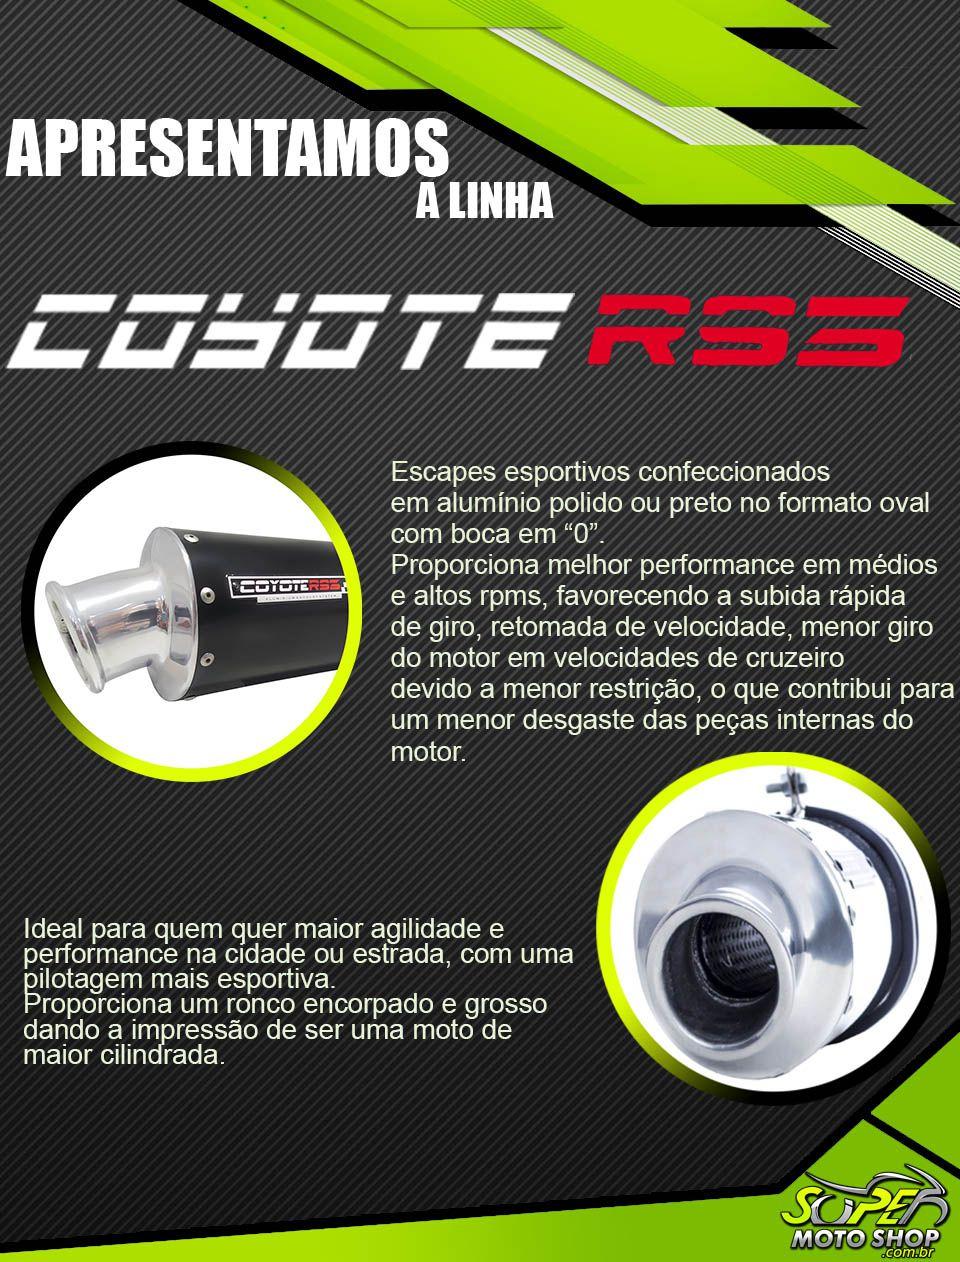 Escape / Ponteira Coyote RS3 Aluminio Oval - Bandit 650 & 1250 Injetada ano 2009 em Diante - Suzuki